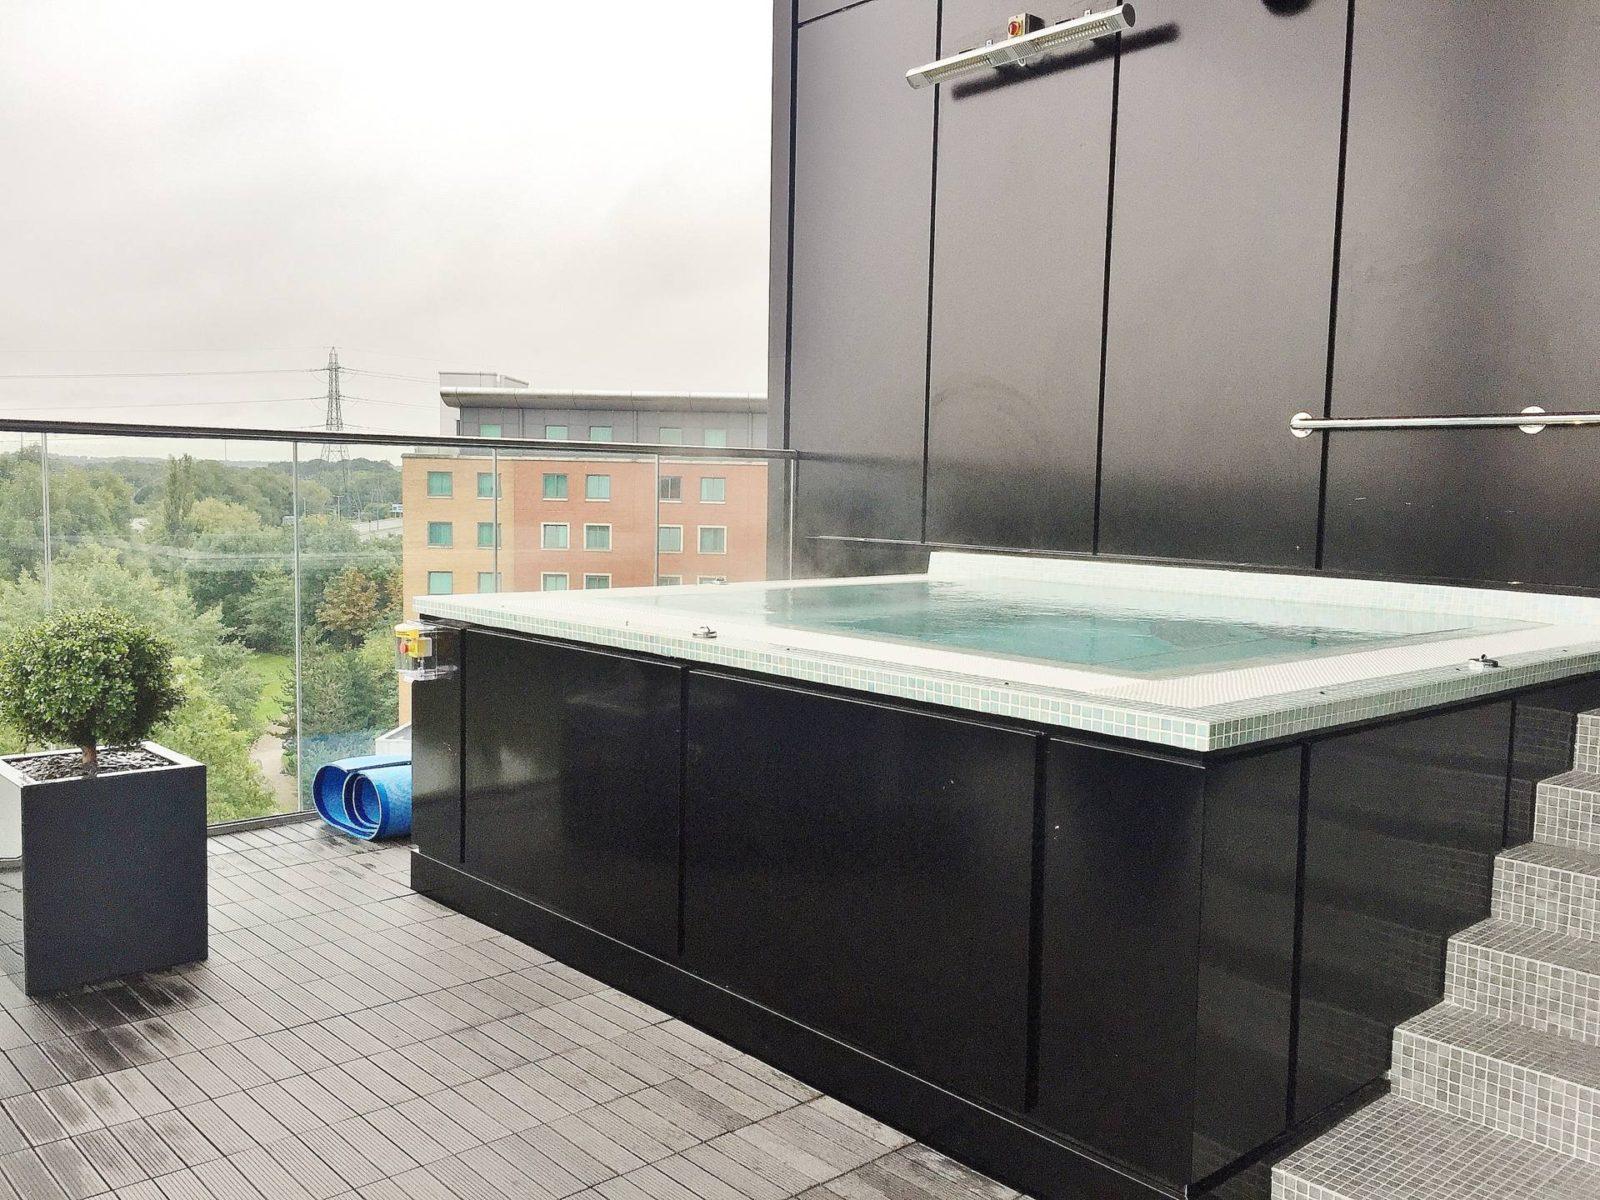 Santai Spa Hot Tub